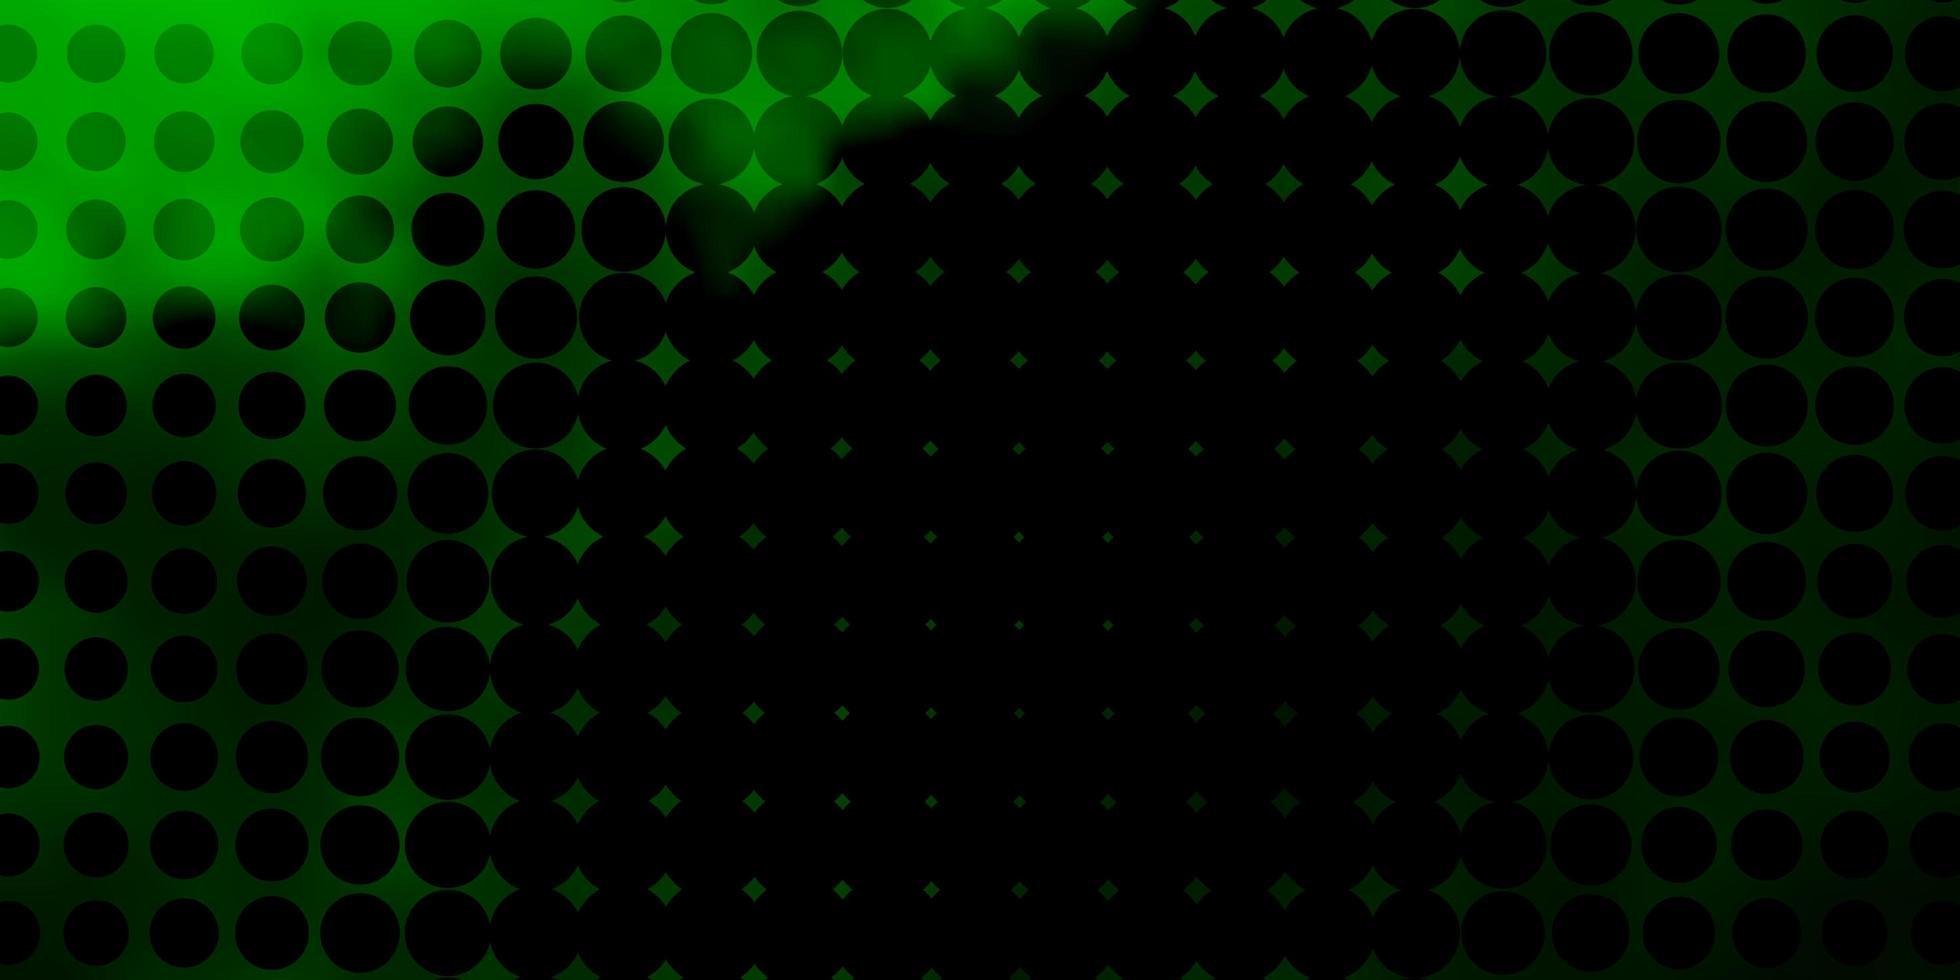 ljusgrön konsistens med skivor. vektor